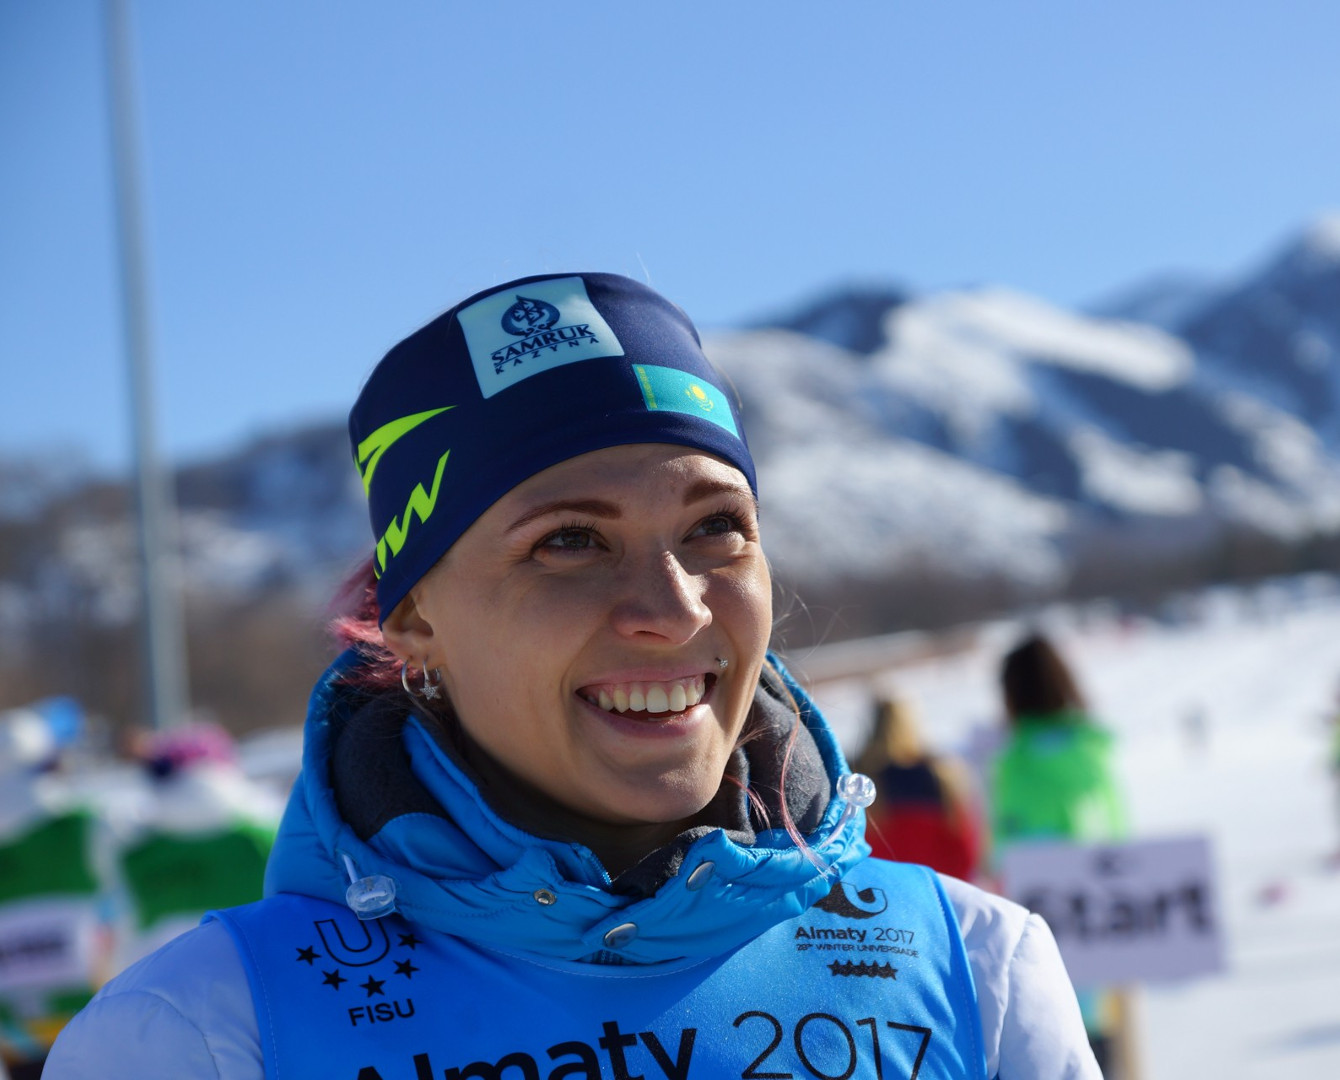 Лыжнице Анне Шевченко подарили квартиру в Павлодаре